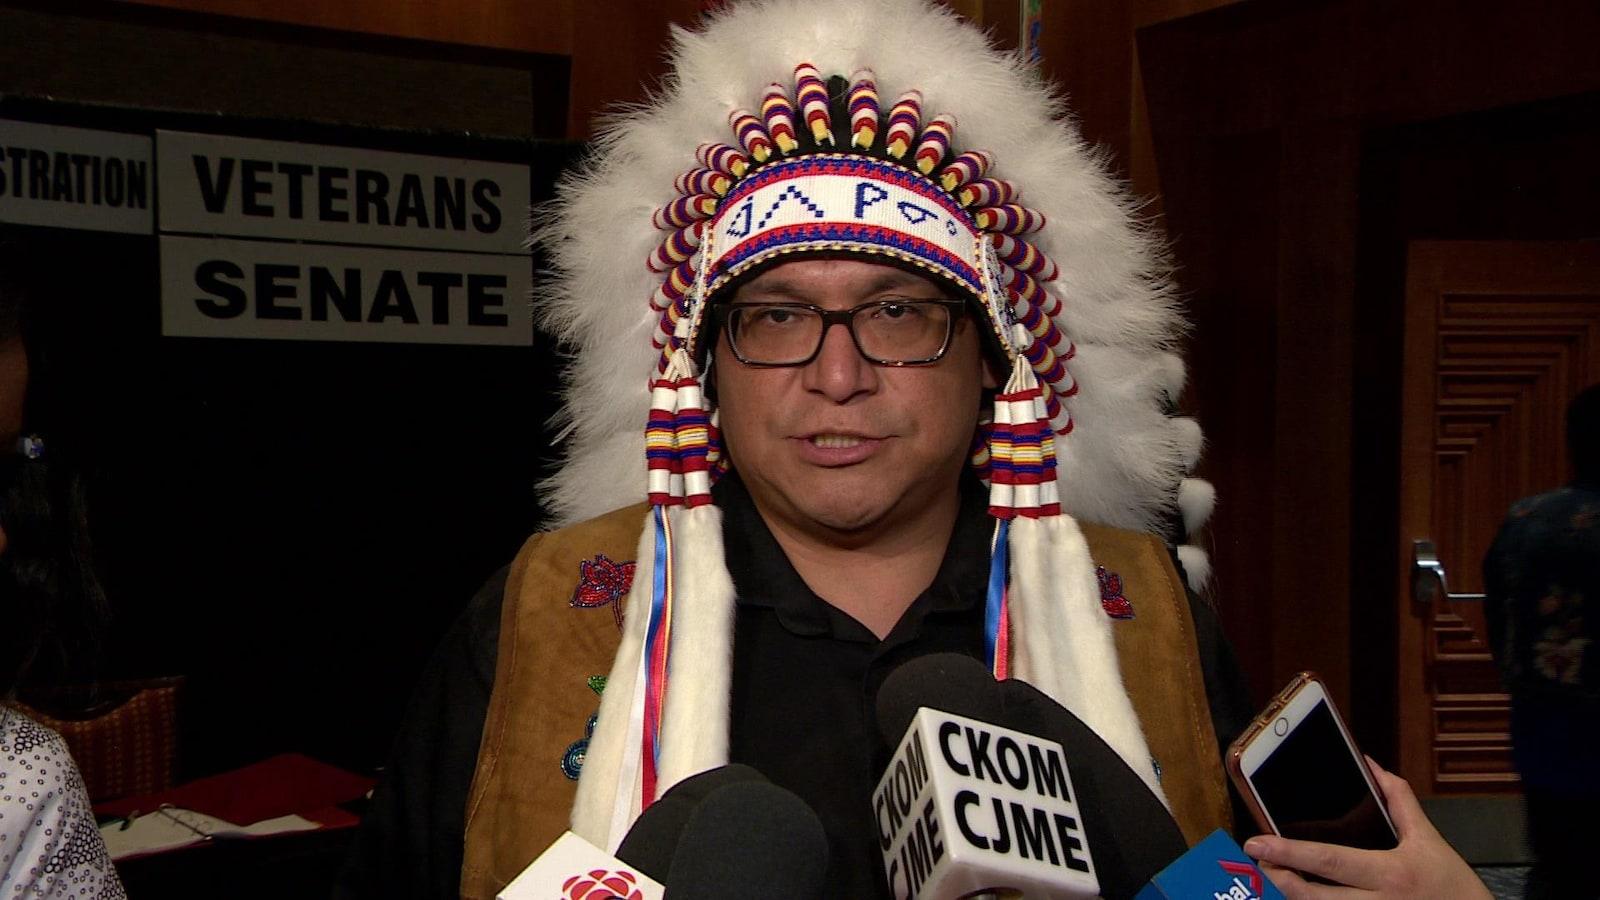 L'homme porte un couvre-chef traditionnel lors d'un point de presse.